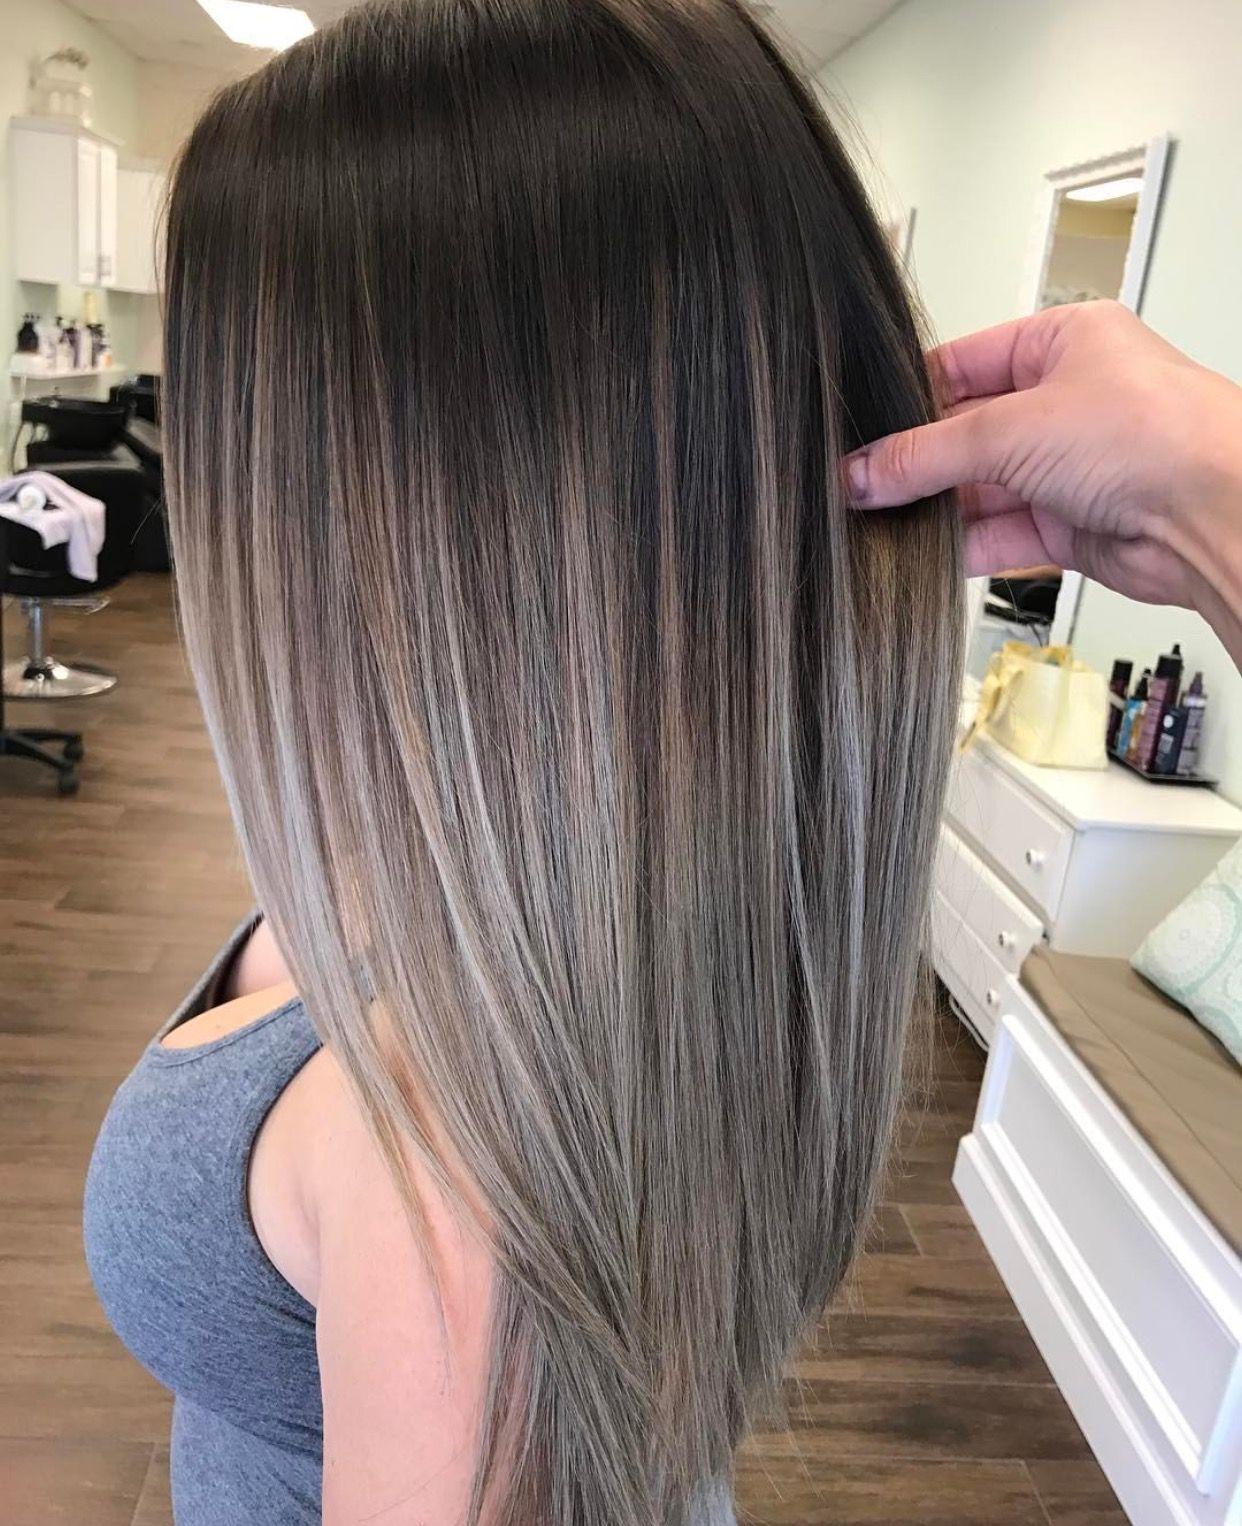 Pin By Tanya Aka Nonna B On Ha R Balayage Hair Hair Styles Ash Brown Hair Color